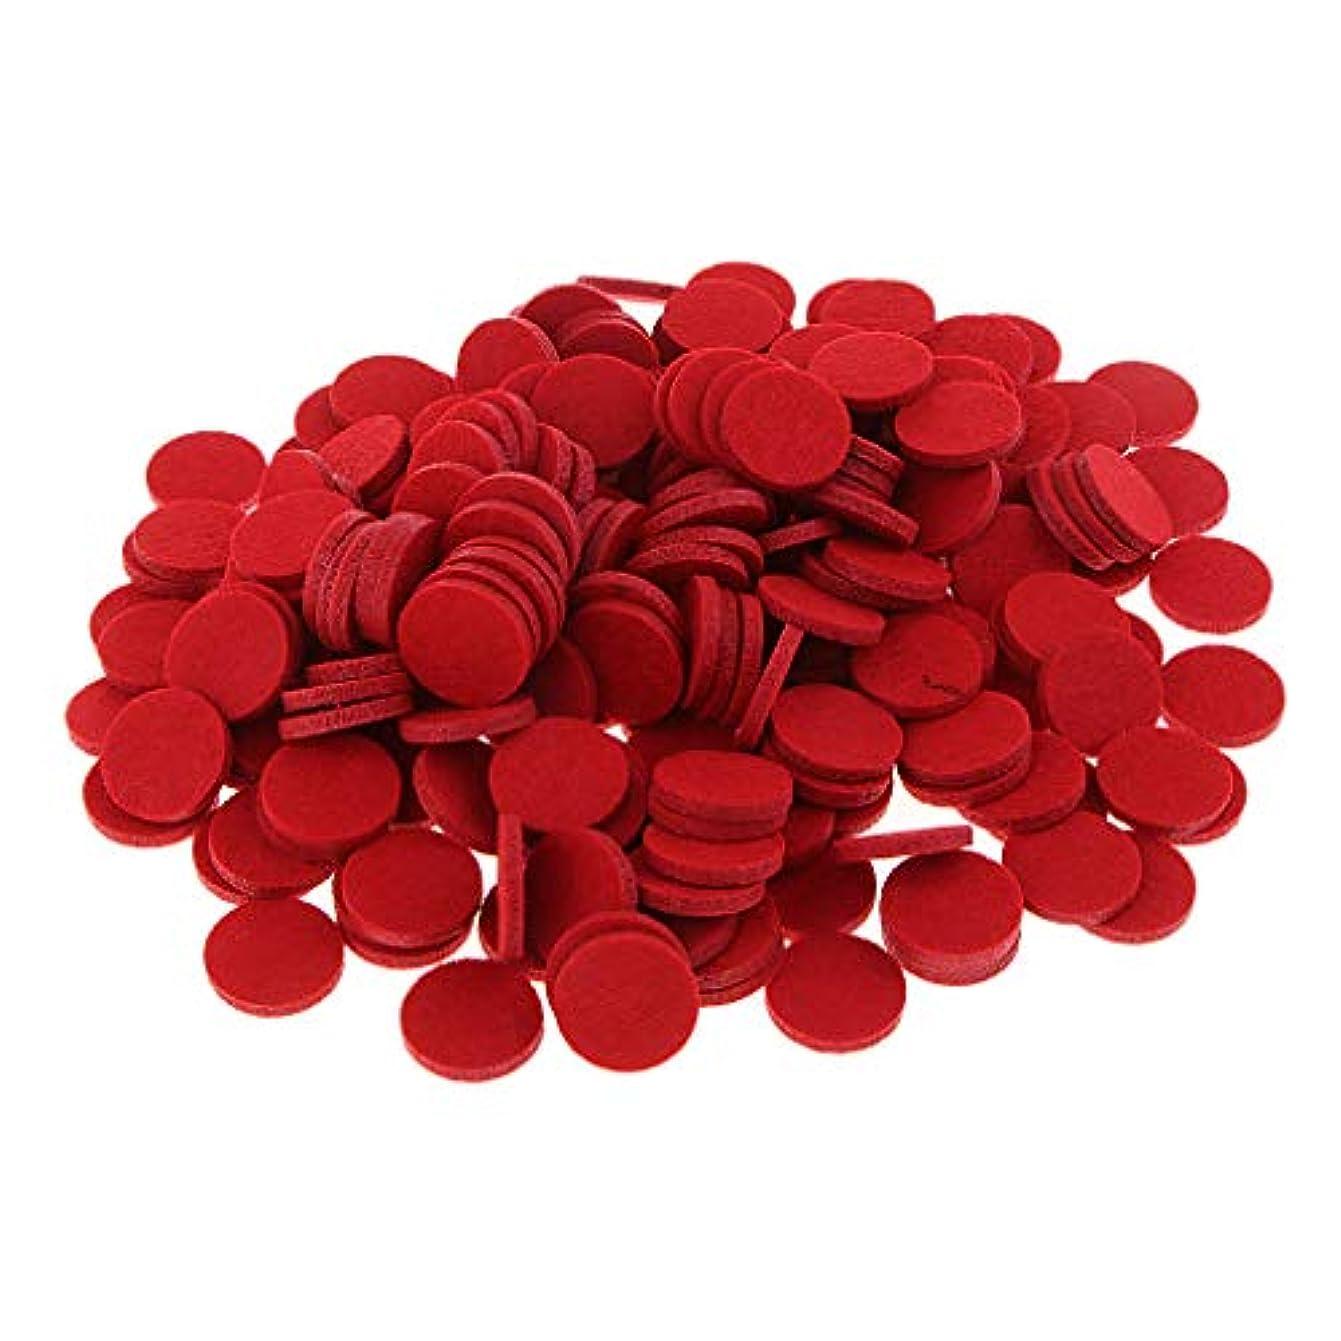 アリス異議意図的約200個入り 詰め替えパッド 精油付き アロマディフューザー 交換用 オイルパッド 全11色 - 赤